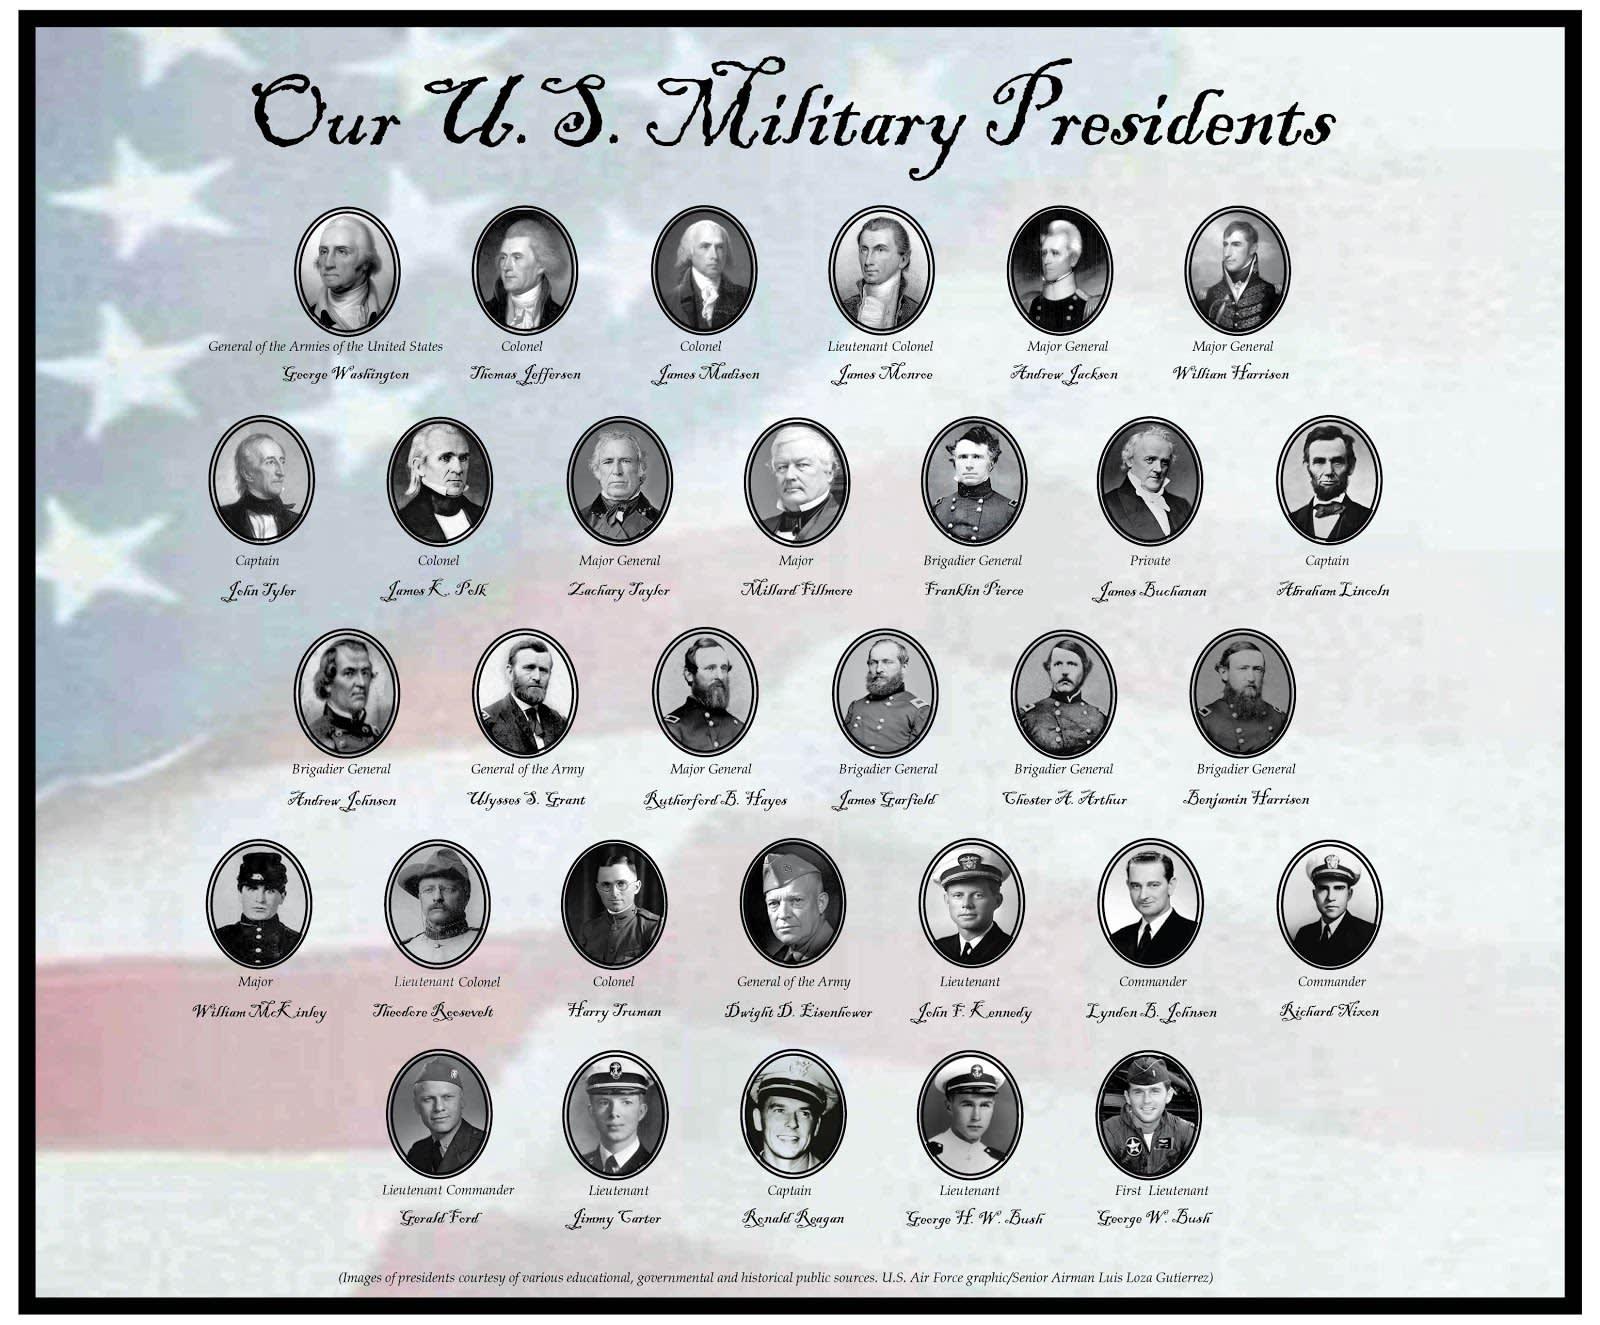 Póster de presidentes de EE.UU. caucásicos a lo largo de la historia.